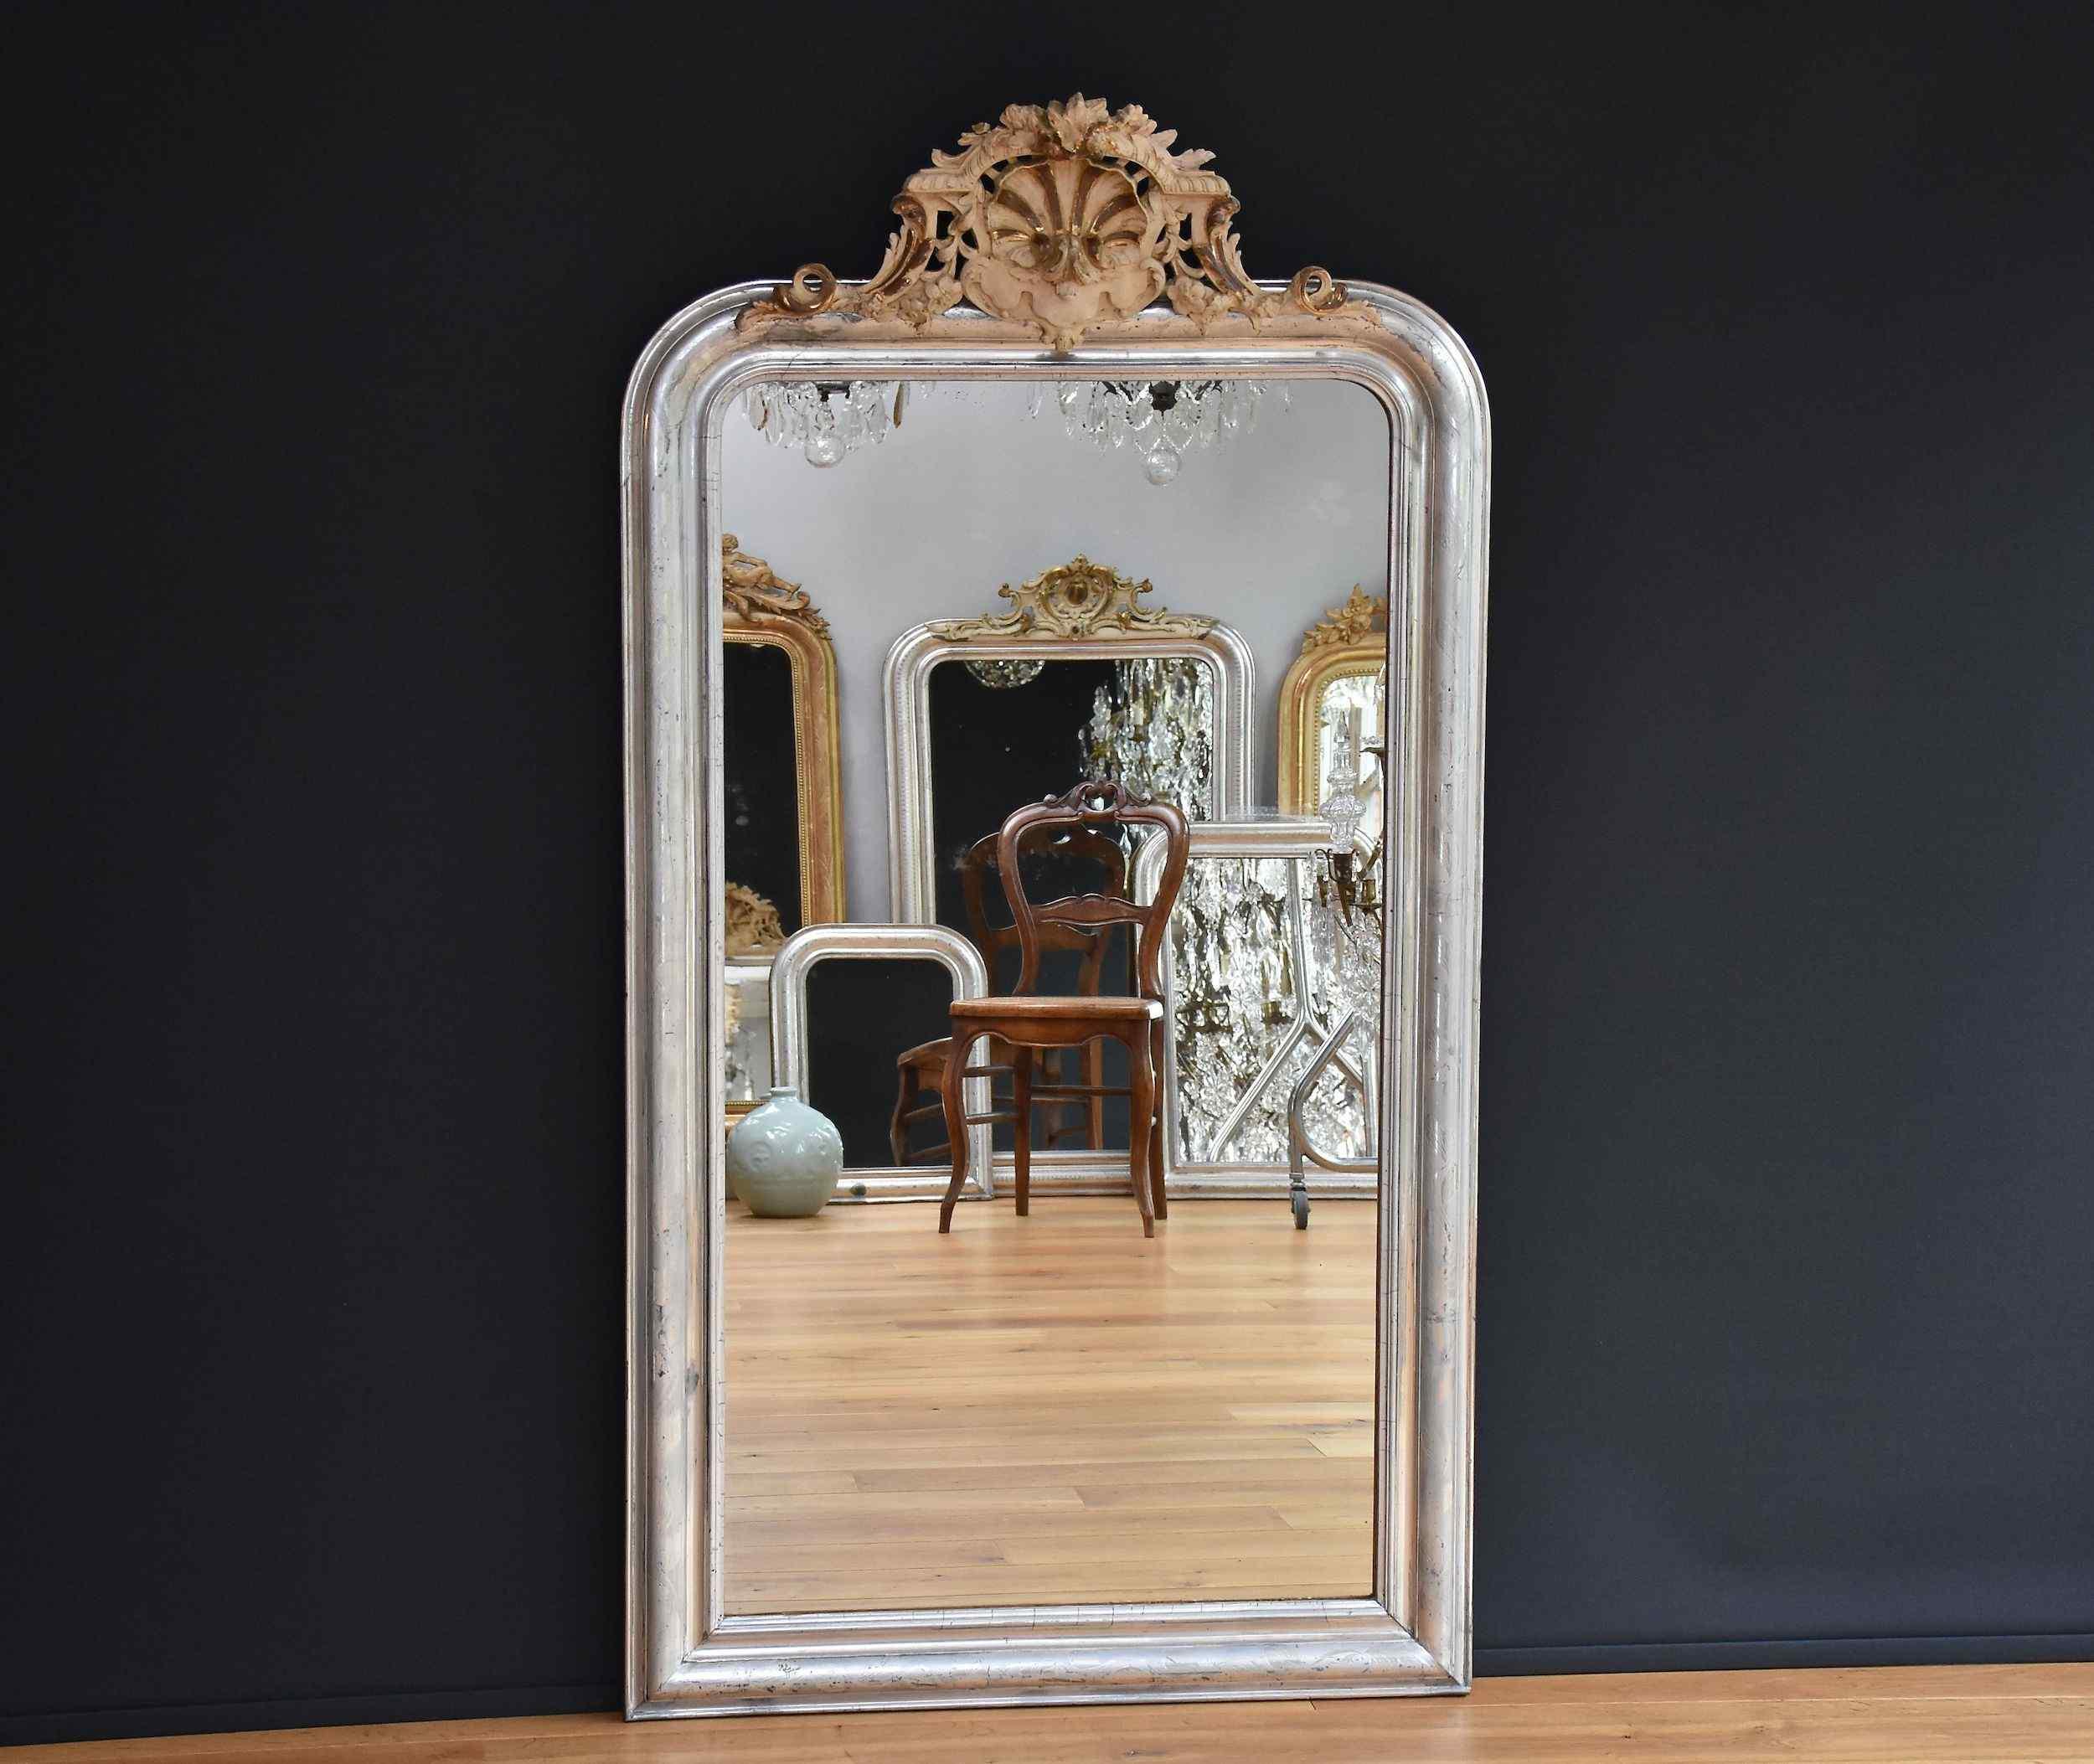 Grand 19ème siècle Miroir français avec une crête, feuille d